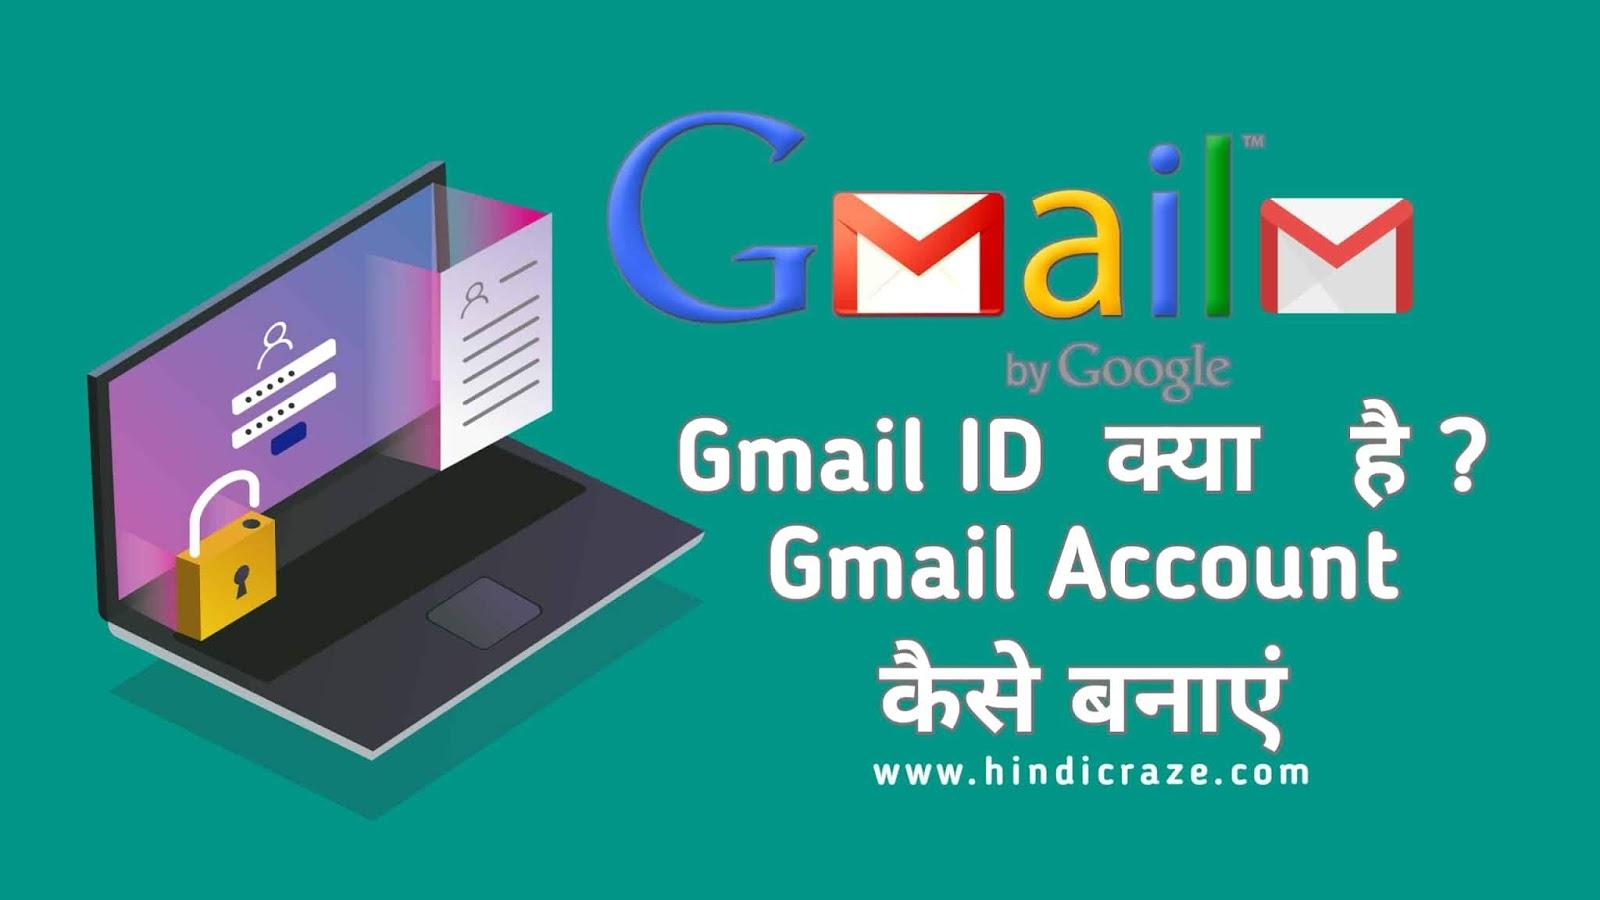 Gmail id क्या है ? Email id कैसे बनाये - HindiCraze